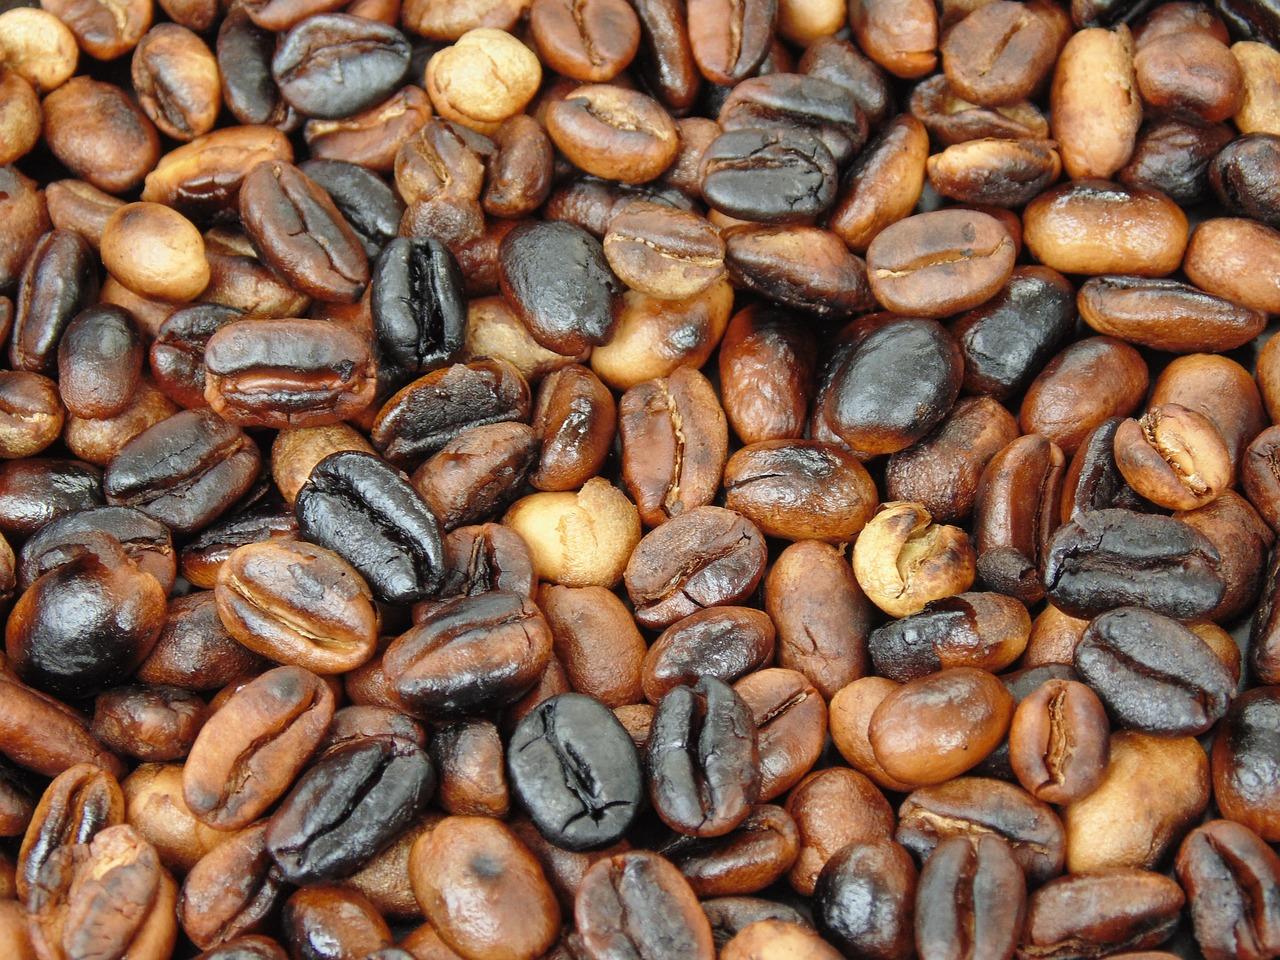 дефекты кофе фото